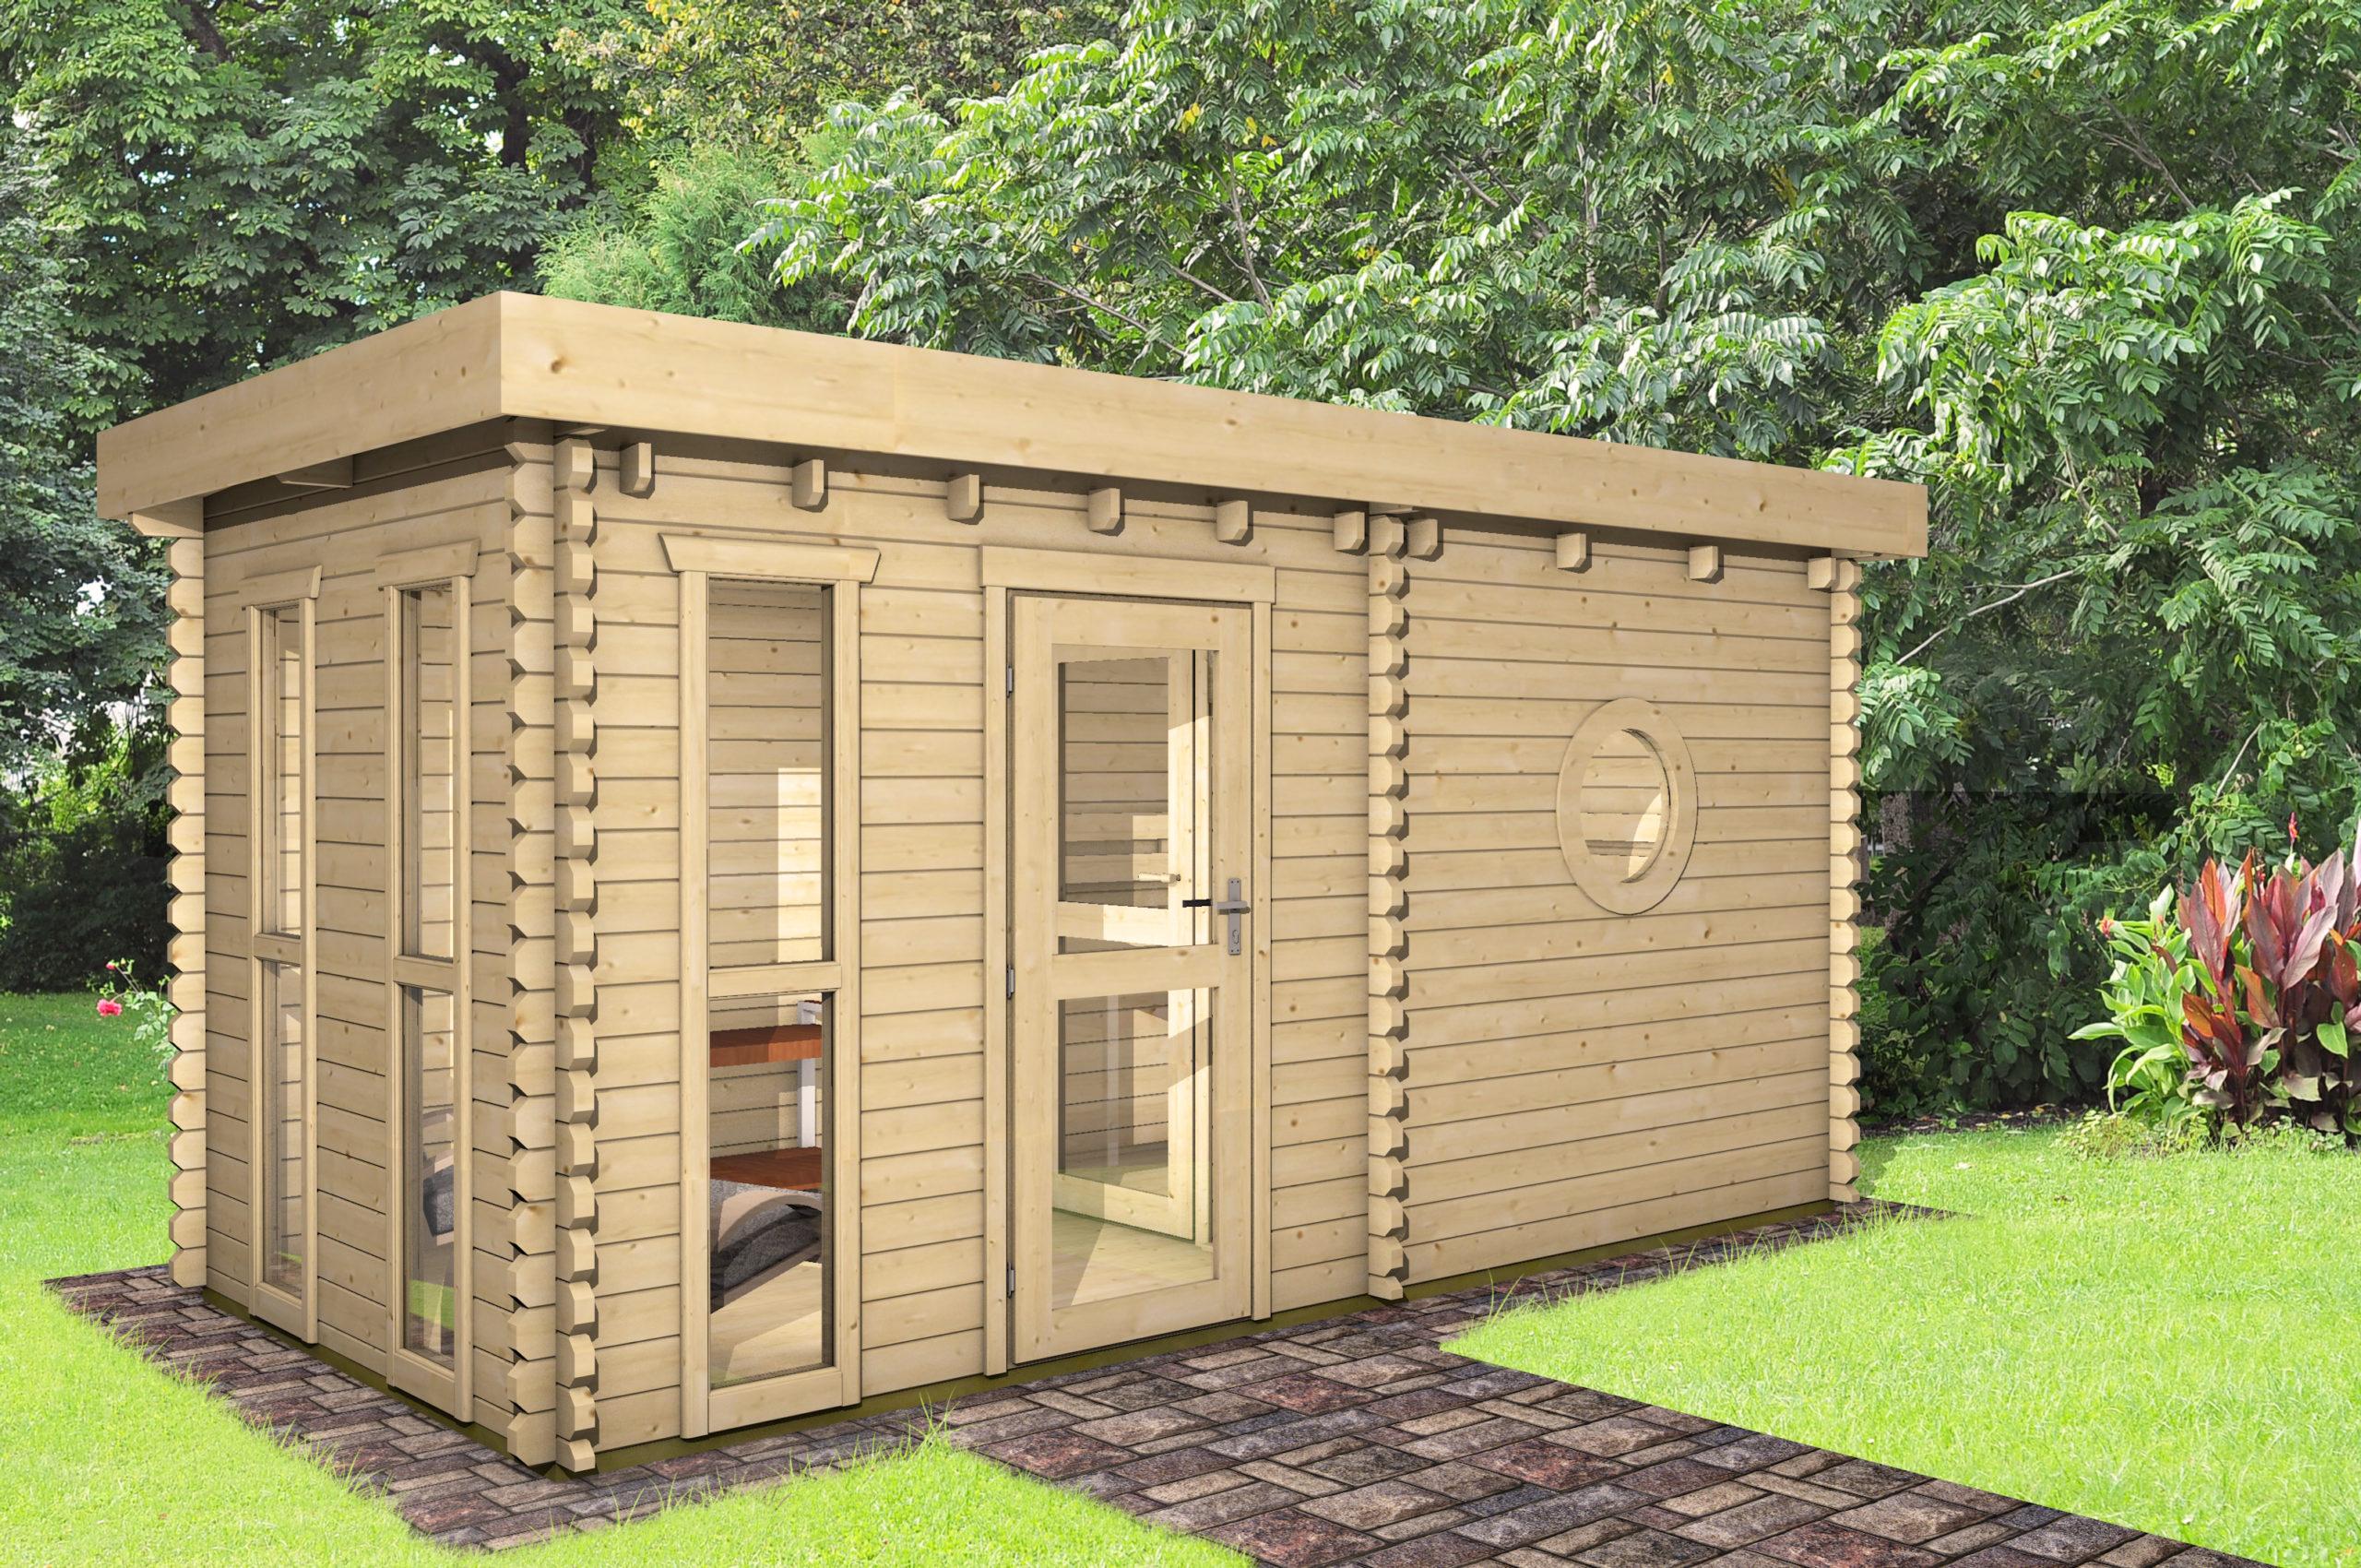 saunahaus 45 mm nwh oldenburg 45003. Black Bedroom Furniture Sets. Home Design Ideas